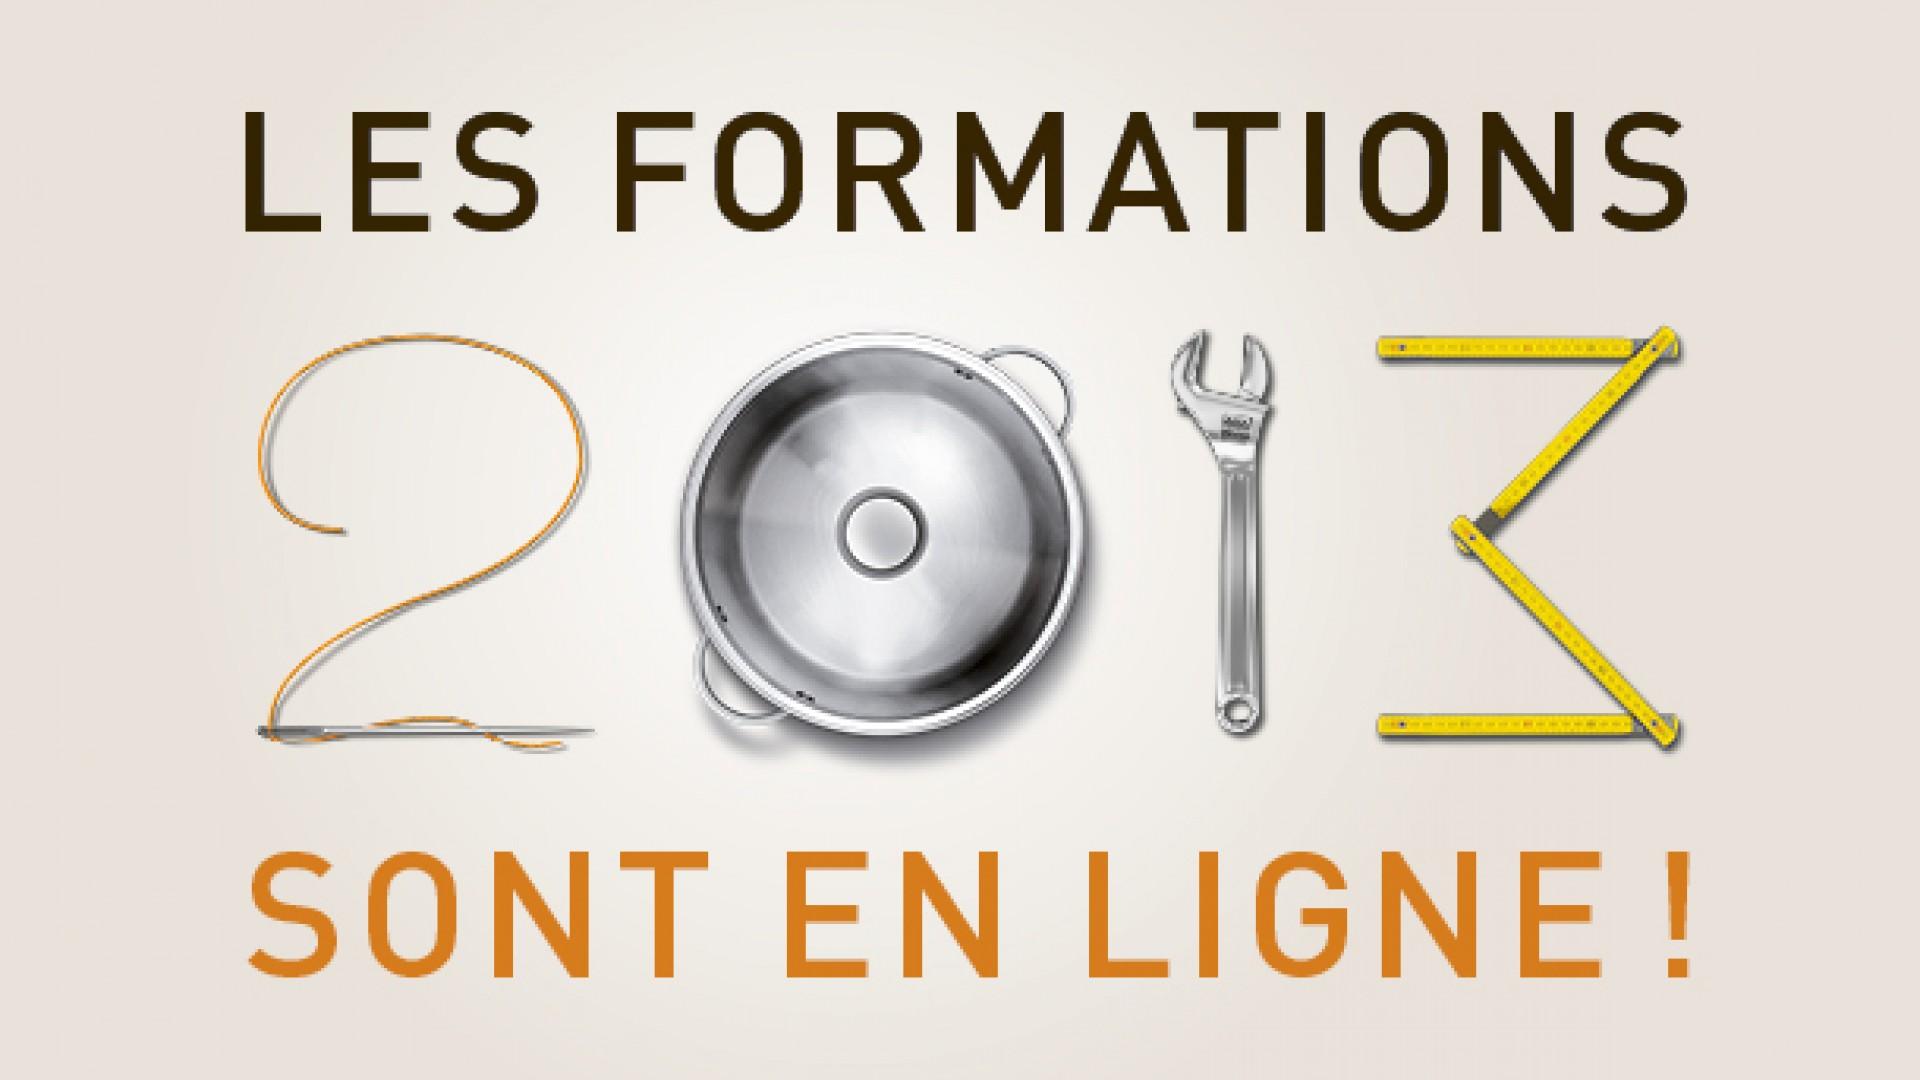 Les Formations 2013 Sont En Ligne Chambre Des M Tiers